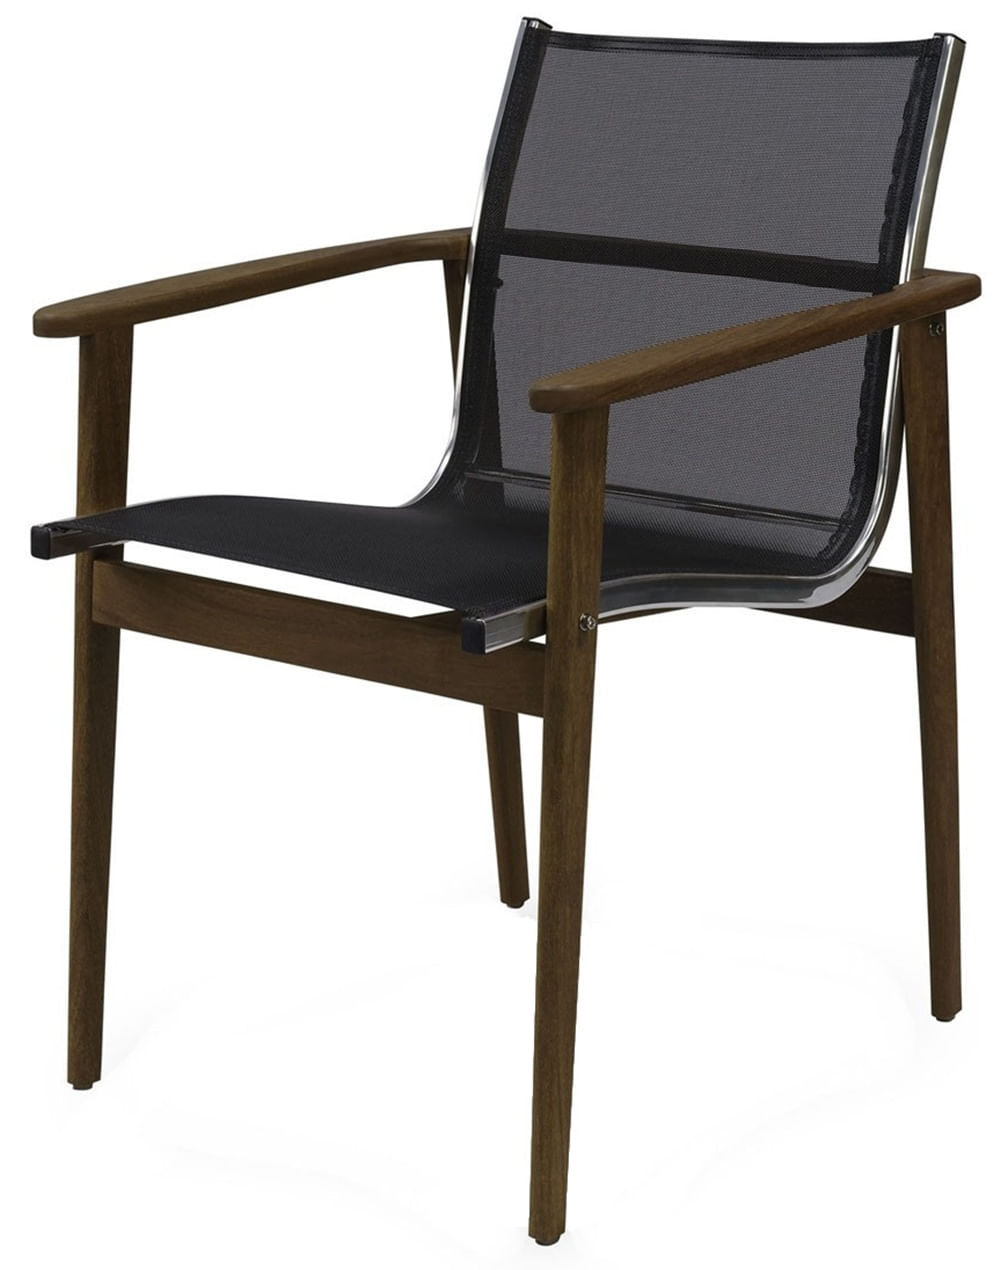 Cadeira Moline Assento em Tela cor Preto com Base Madeira Cumaru - 44732